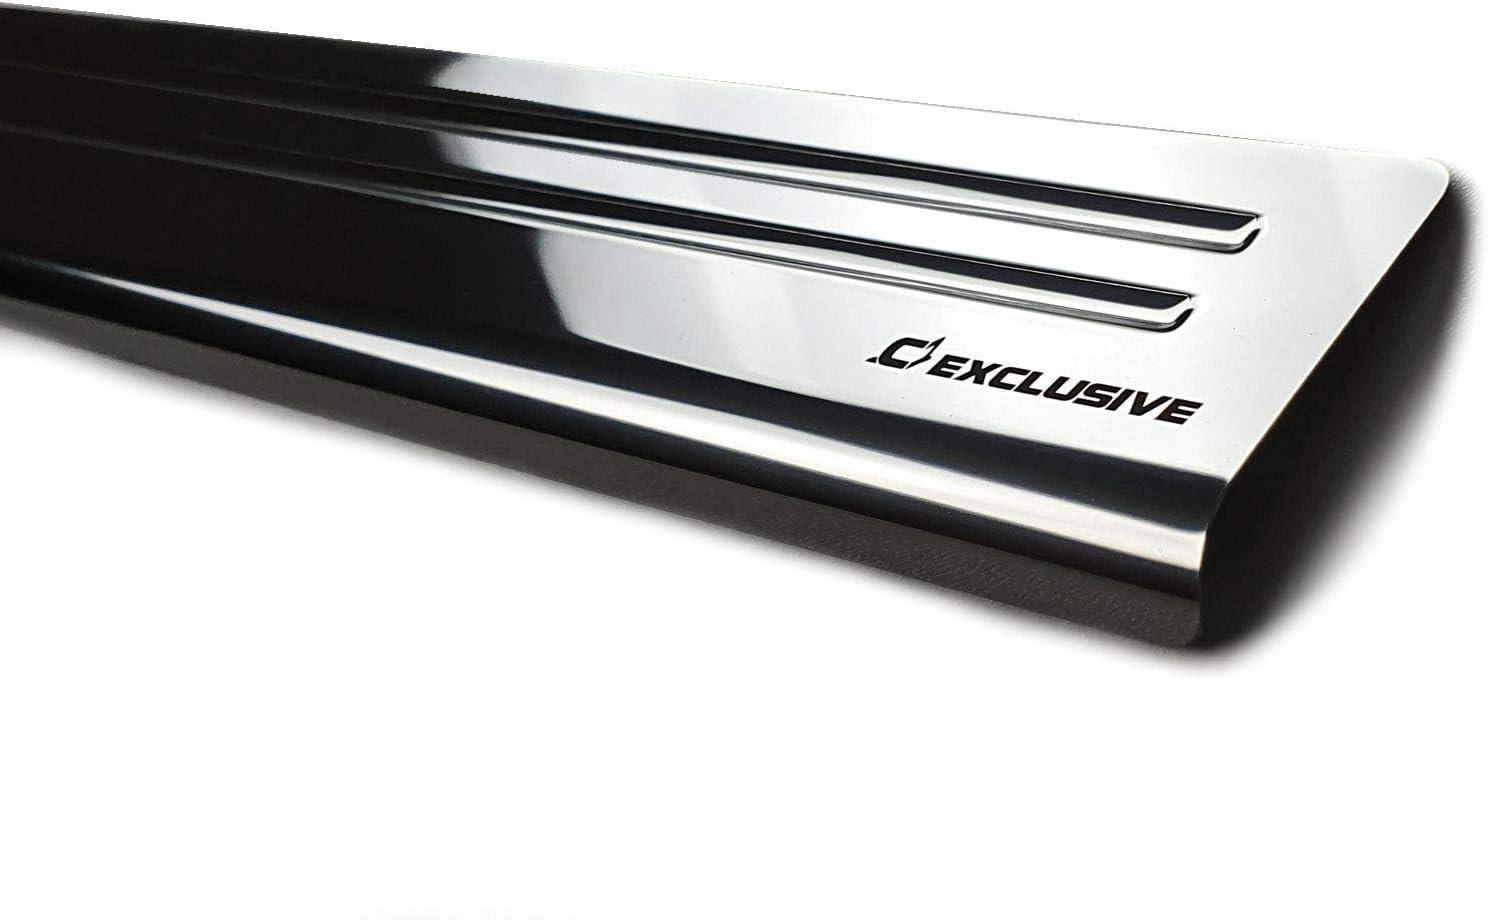 -2 LINE Croni Edelstahl Einstiegleisten kompatibel mit Skoda Kamiq SUV 5 2019-